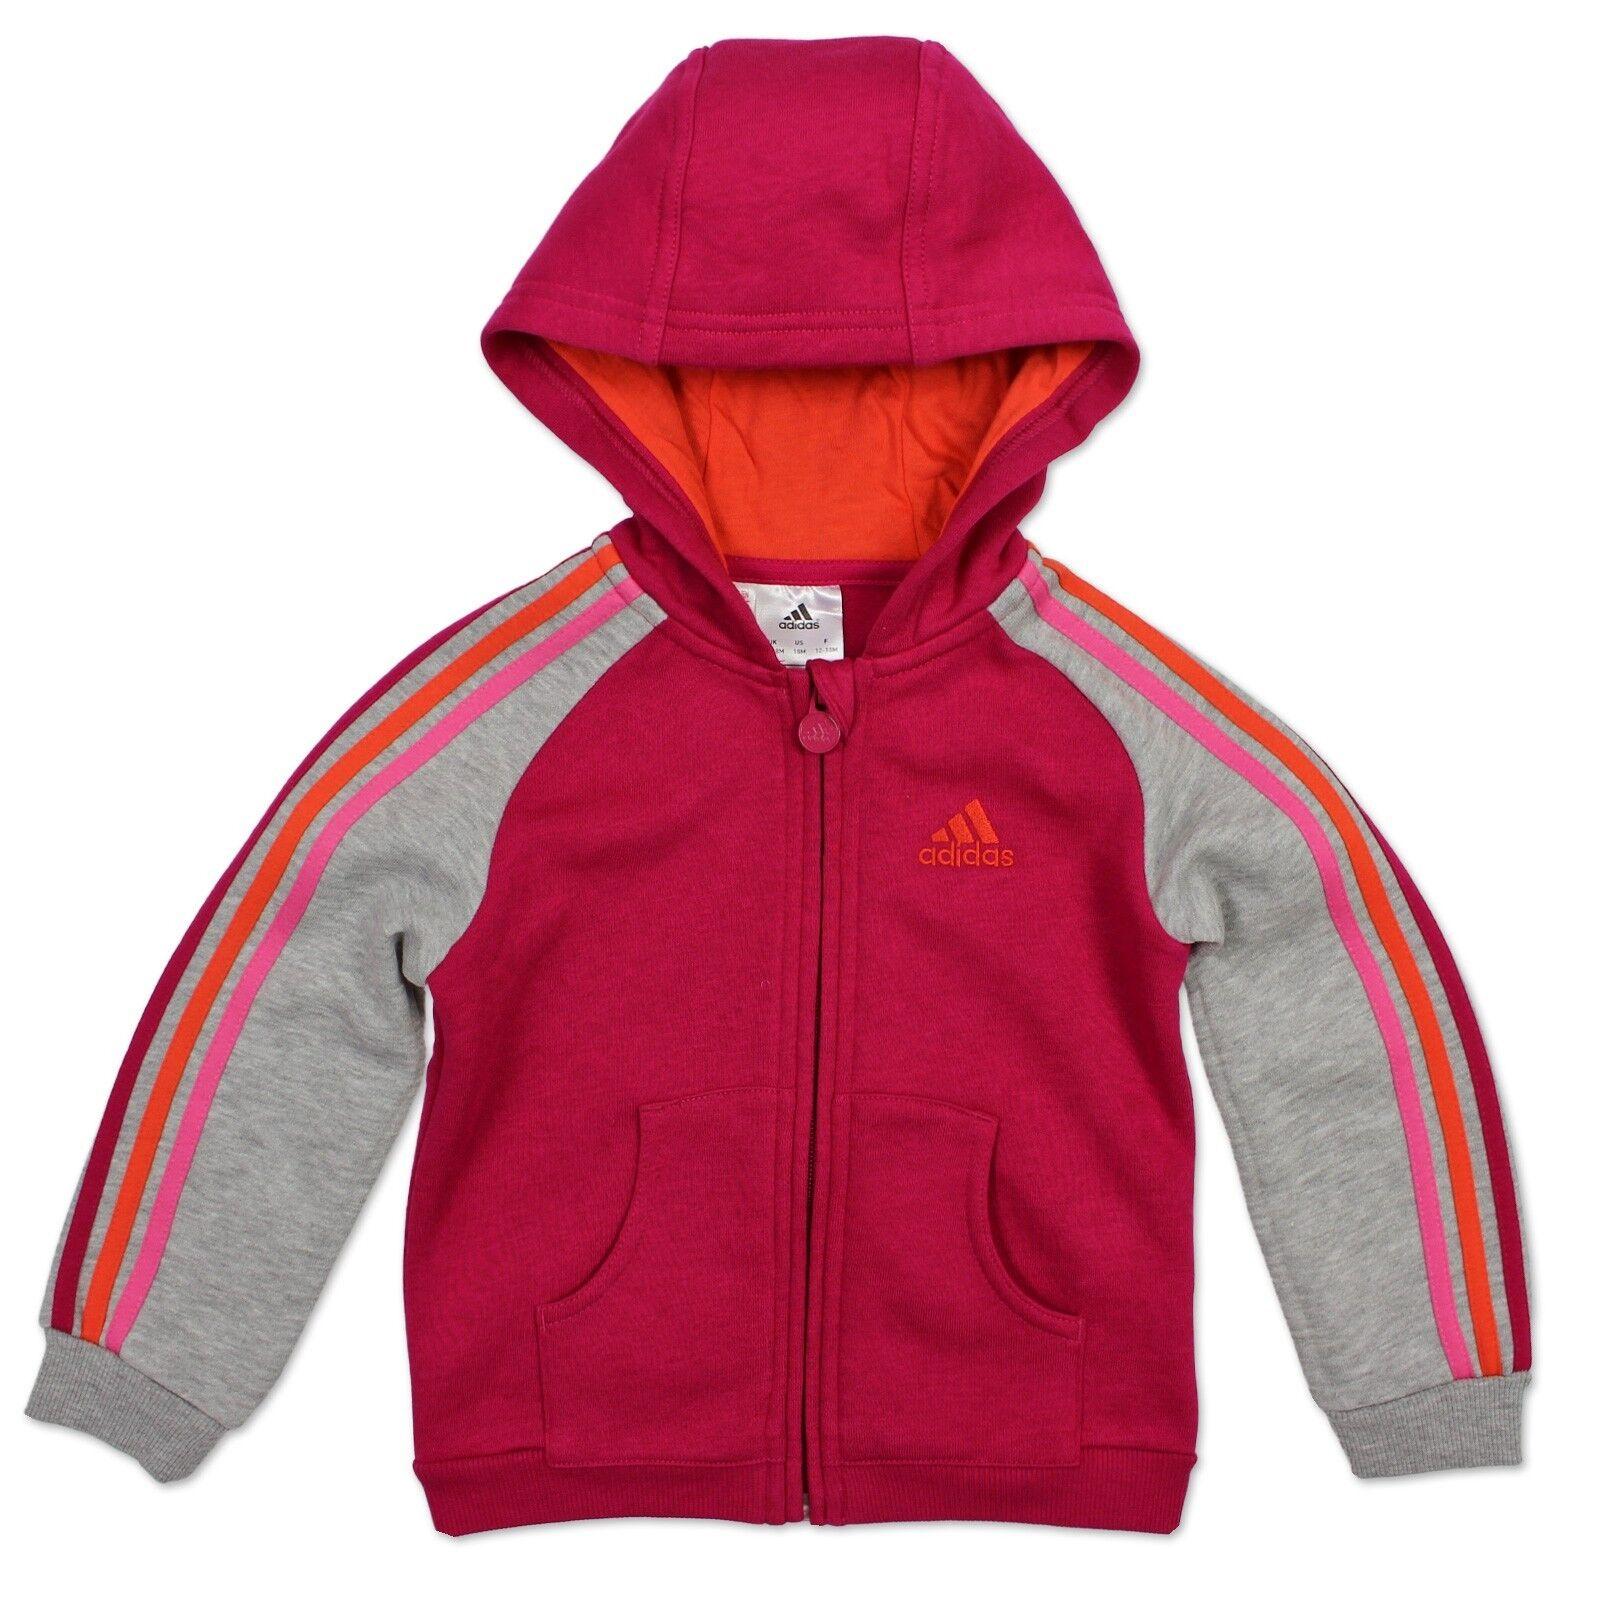 Adidas Performance - Sweat à capuche pour enfants - Sweat à capuche gris rose 86